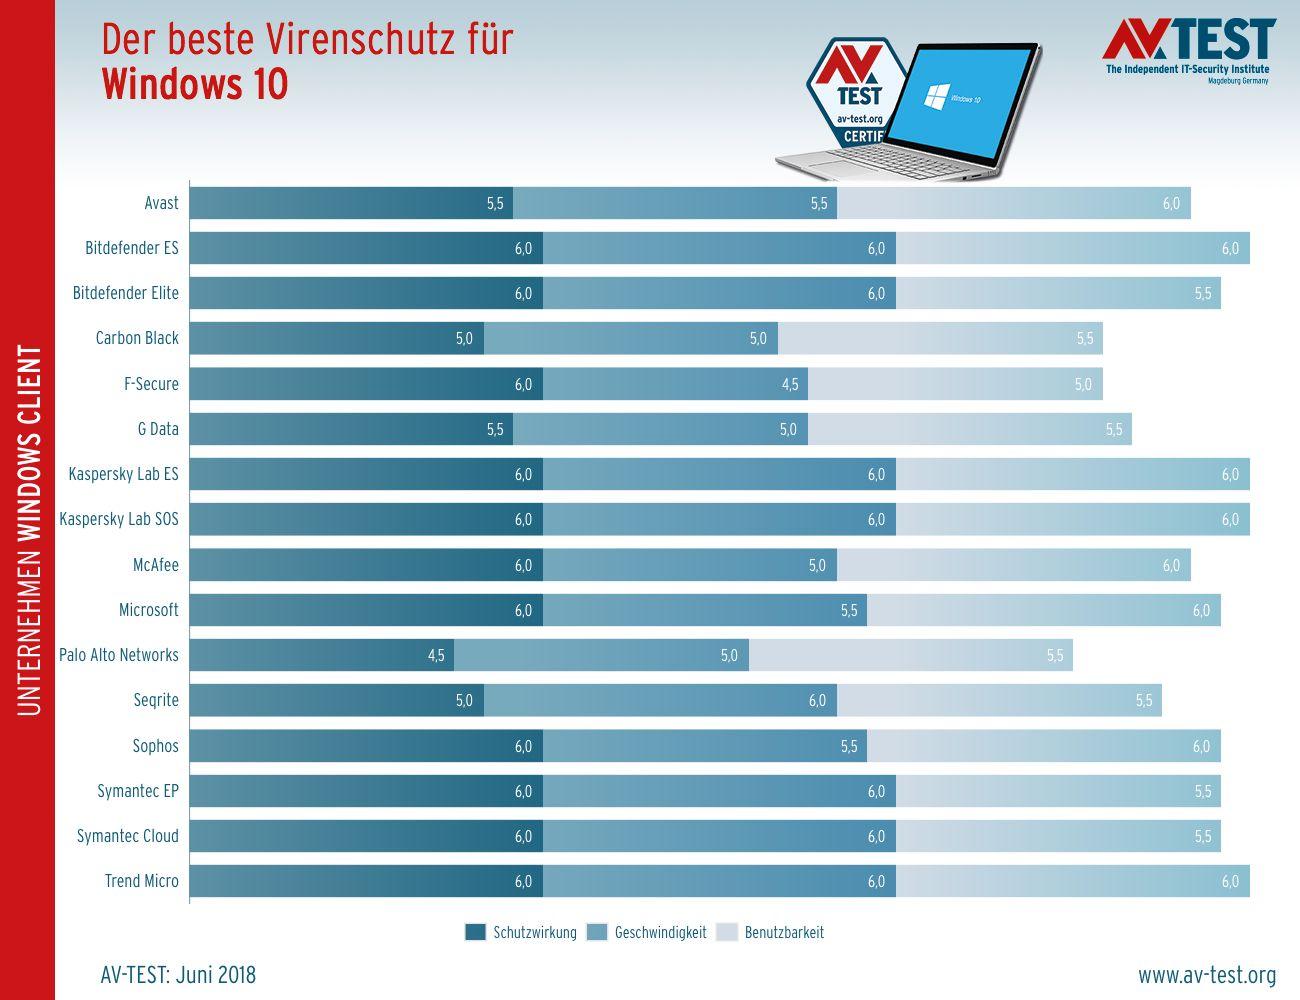 AV-Test: Bewertung von Antivirus-Software für Unternehmen